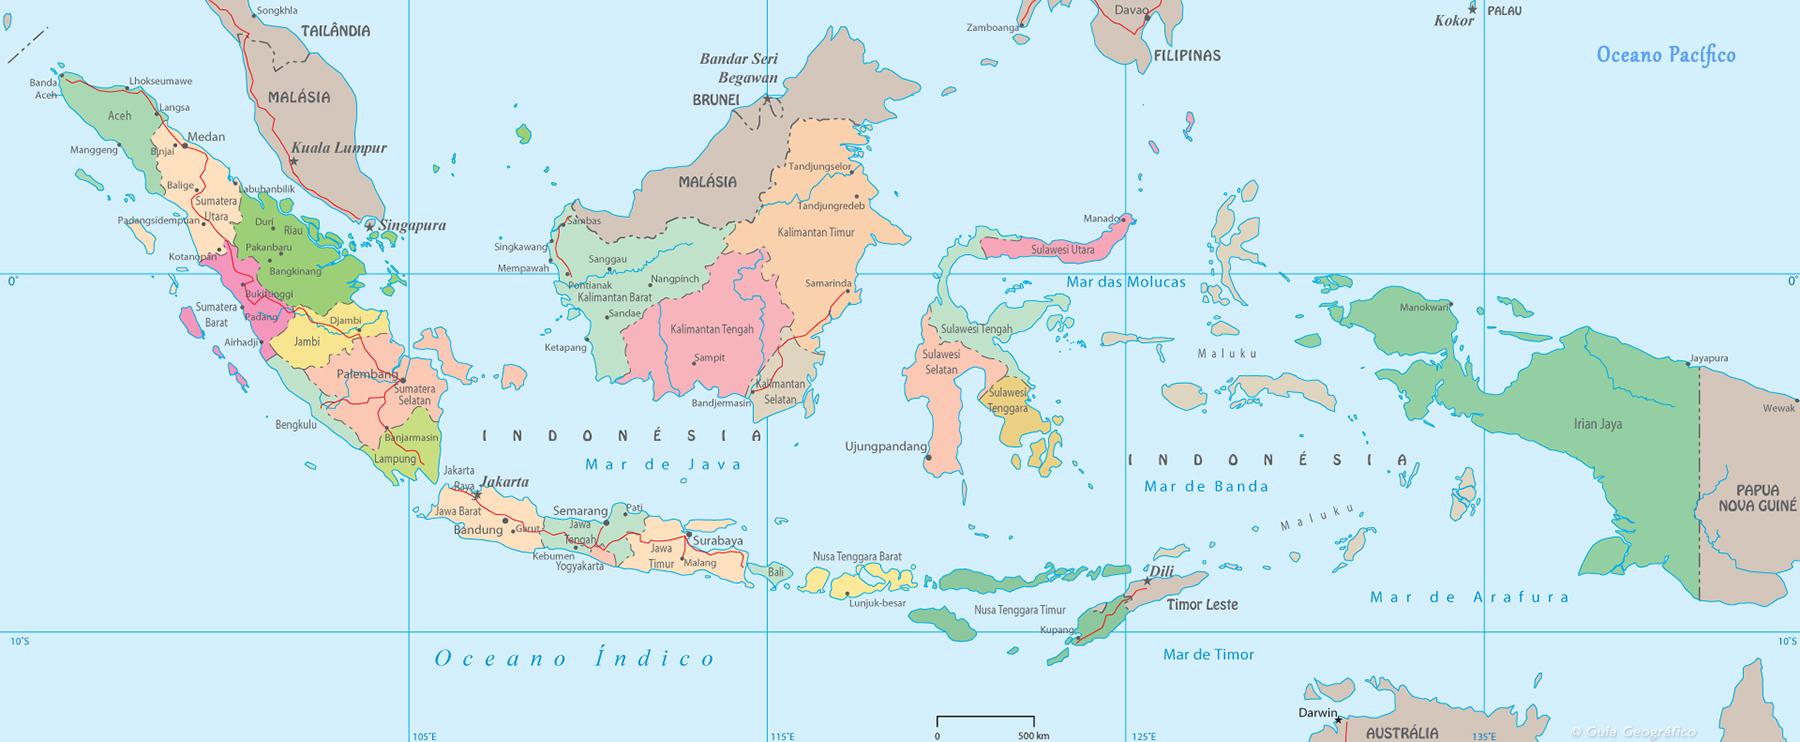 Mapa Político da Indonésia